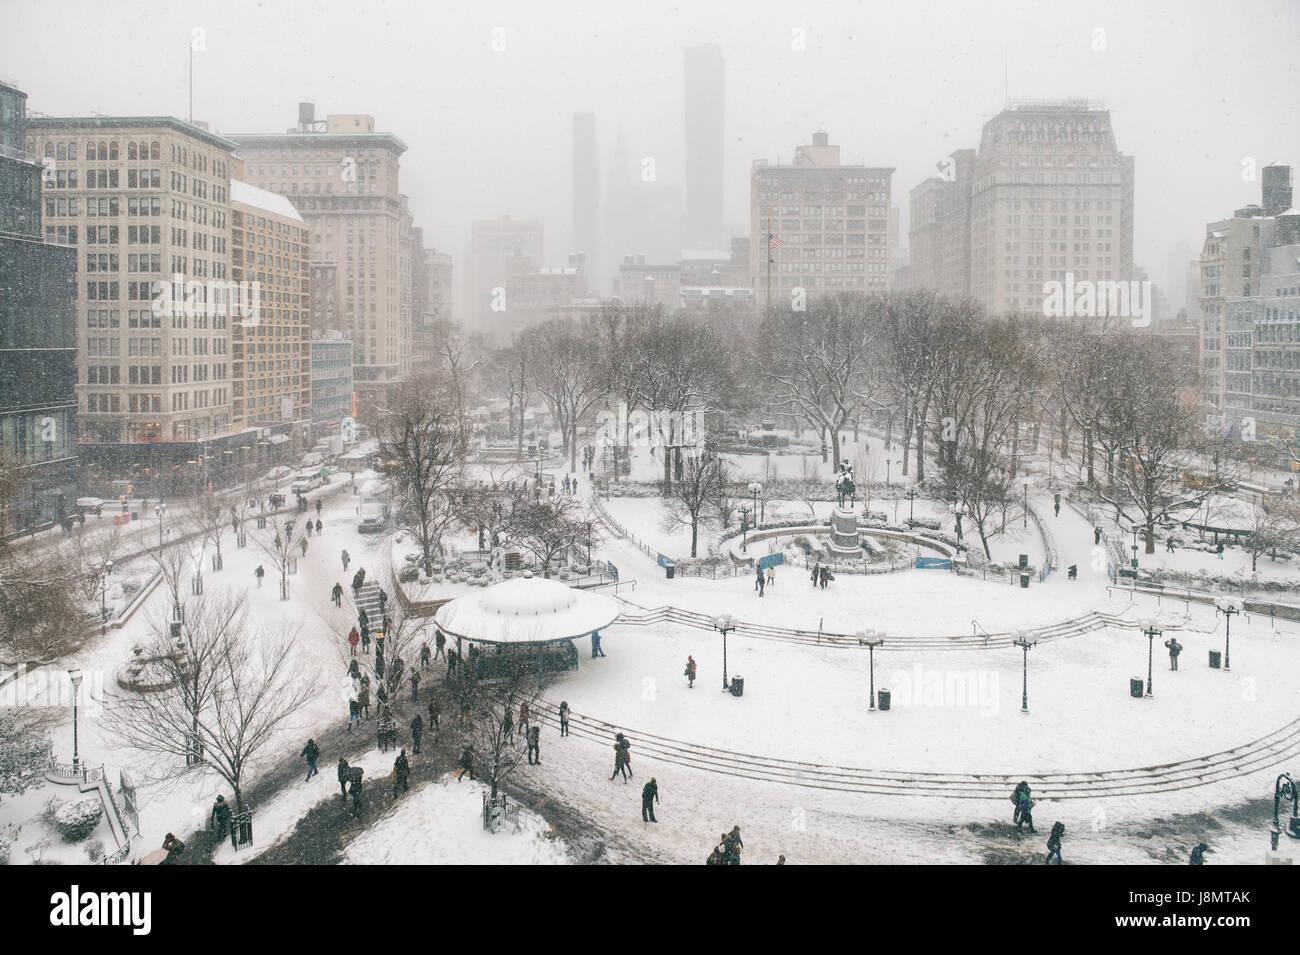 Nevoso inverno scena con sentieri a sinistra da pedoni nella neve in Union Square come una bufera di neve si impadronisce Immagini Stock